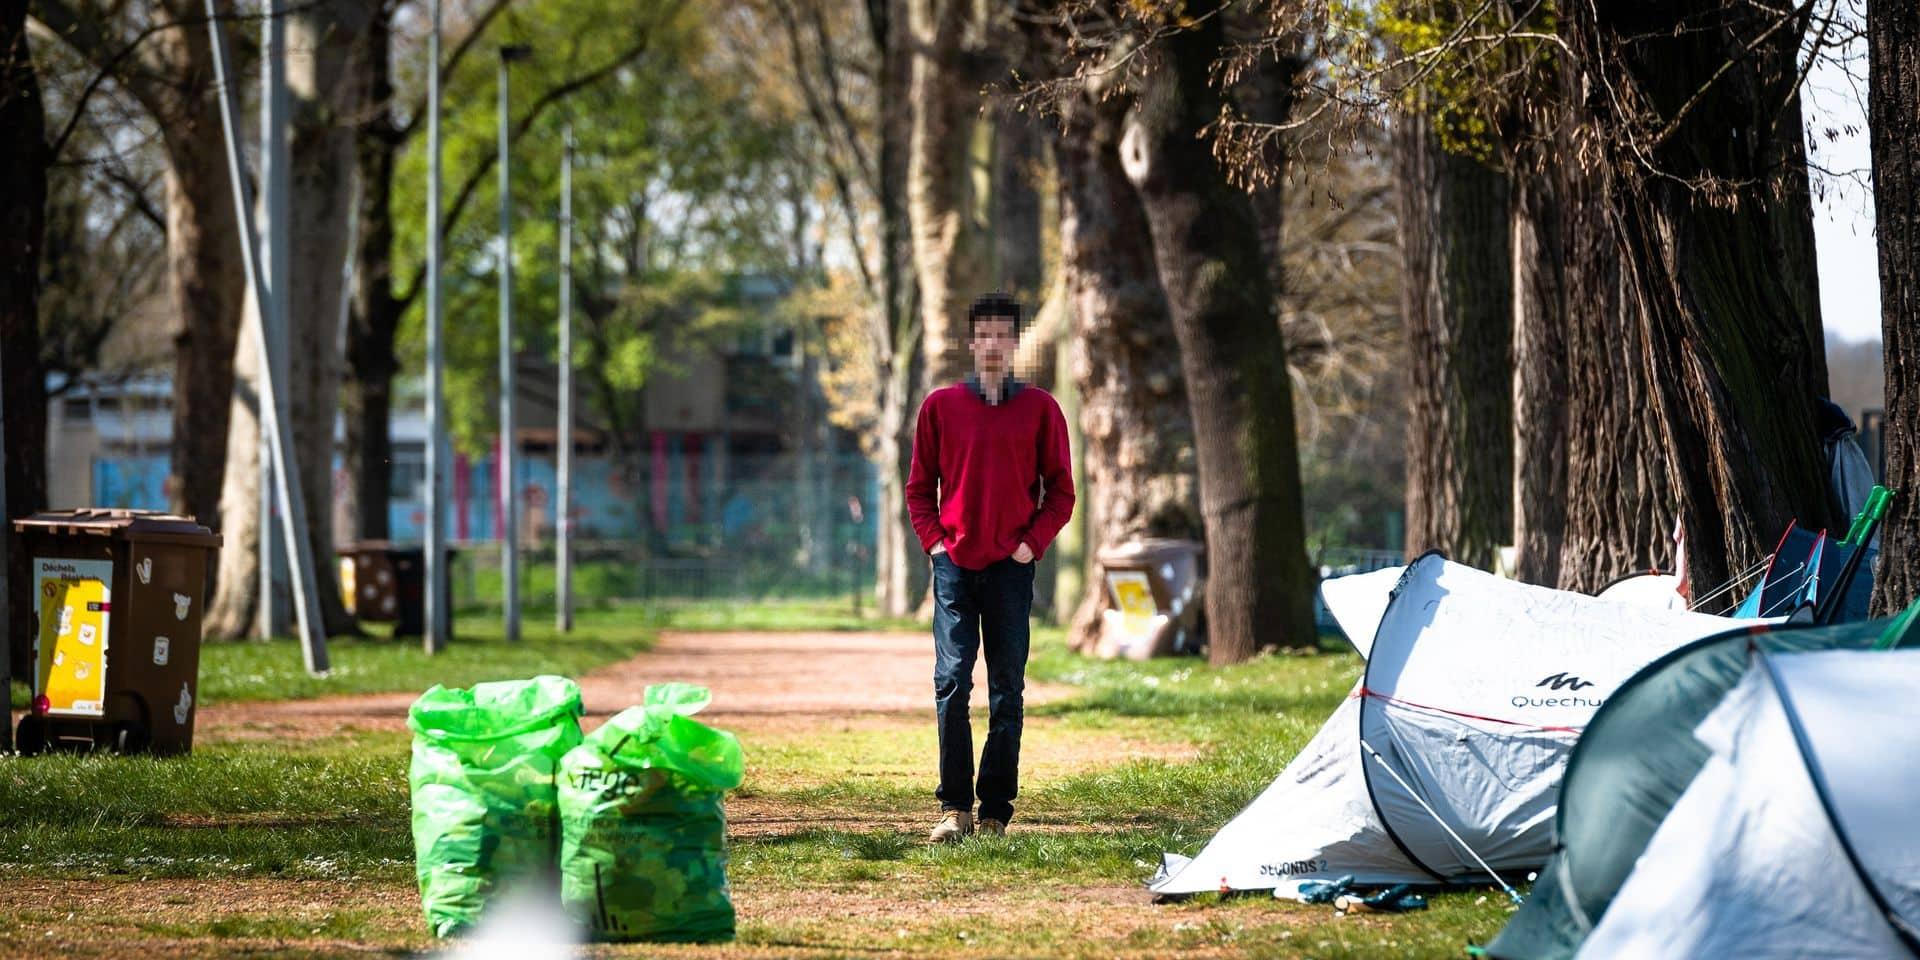 Liege - Parc Astrid - Coronmeuse - Coronavirus: La ville de Liege et la Province mettent en place un accueil et une intendance sanitaire pour les citoyens precarises et les sdf